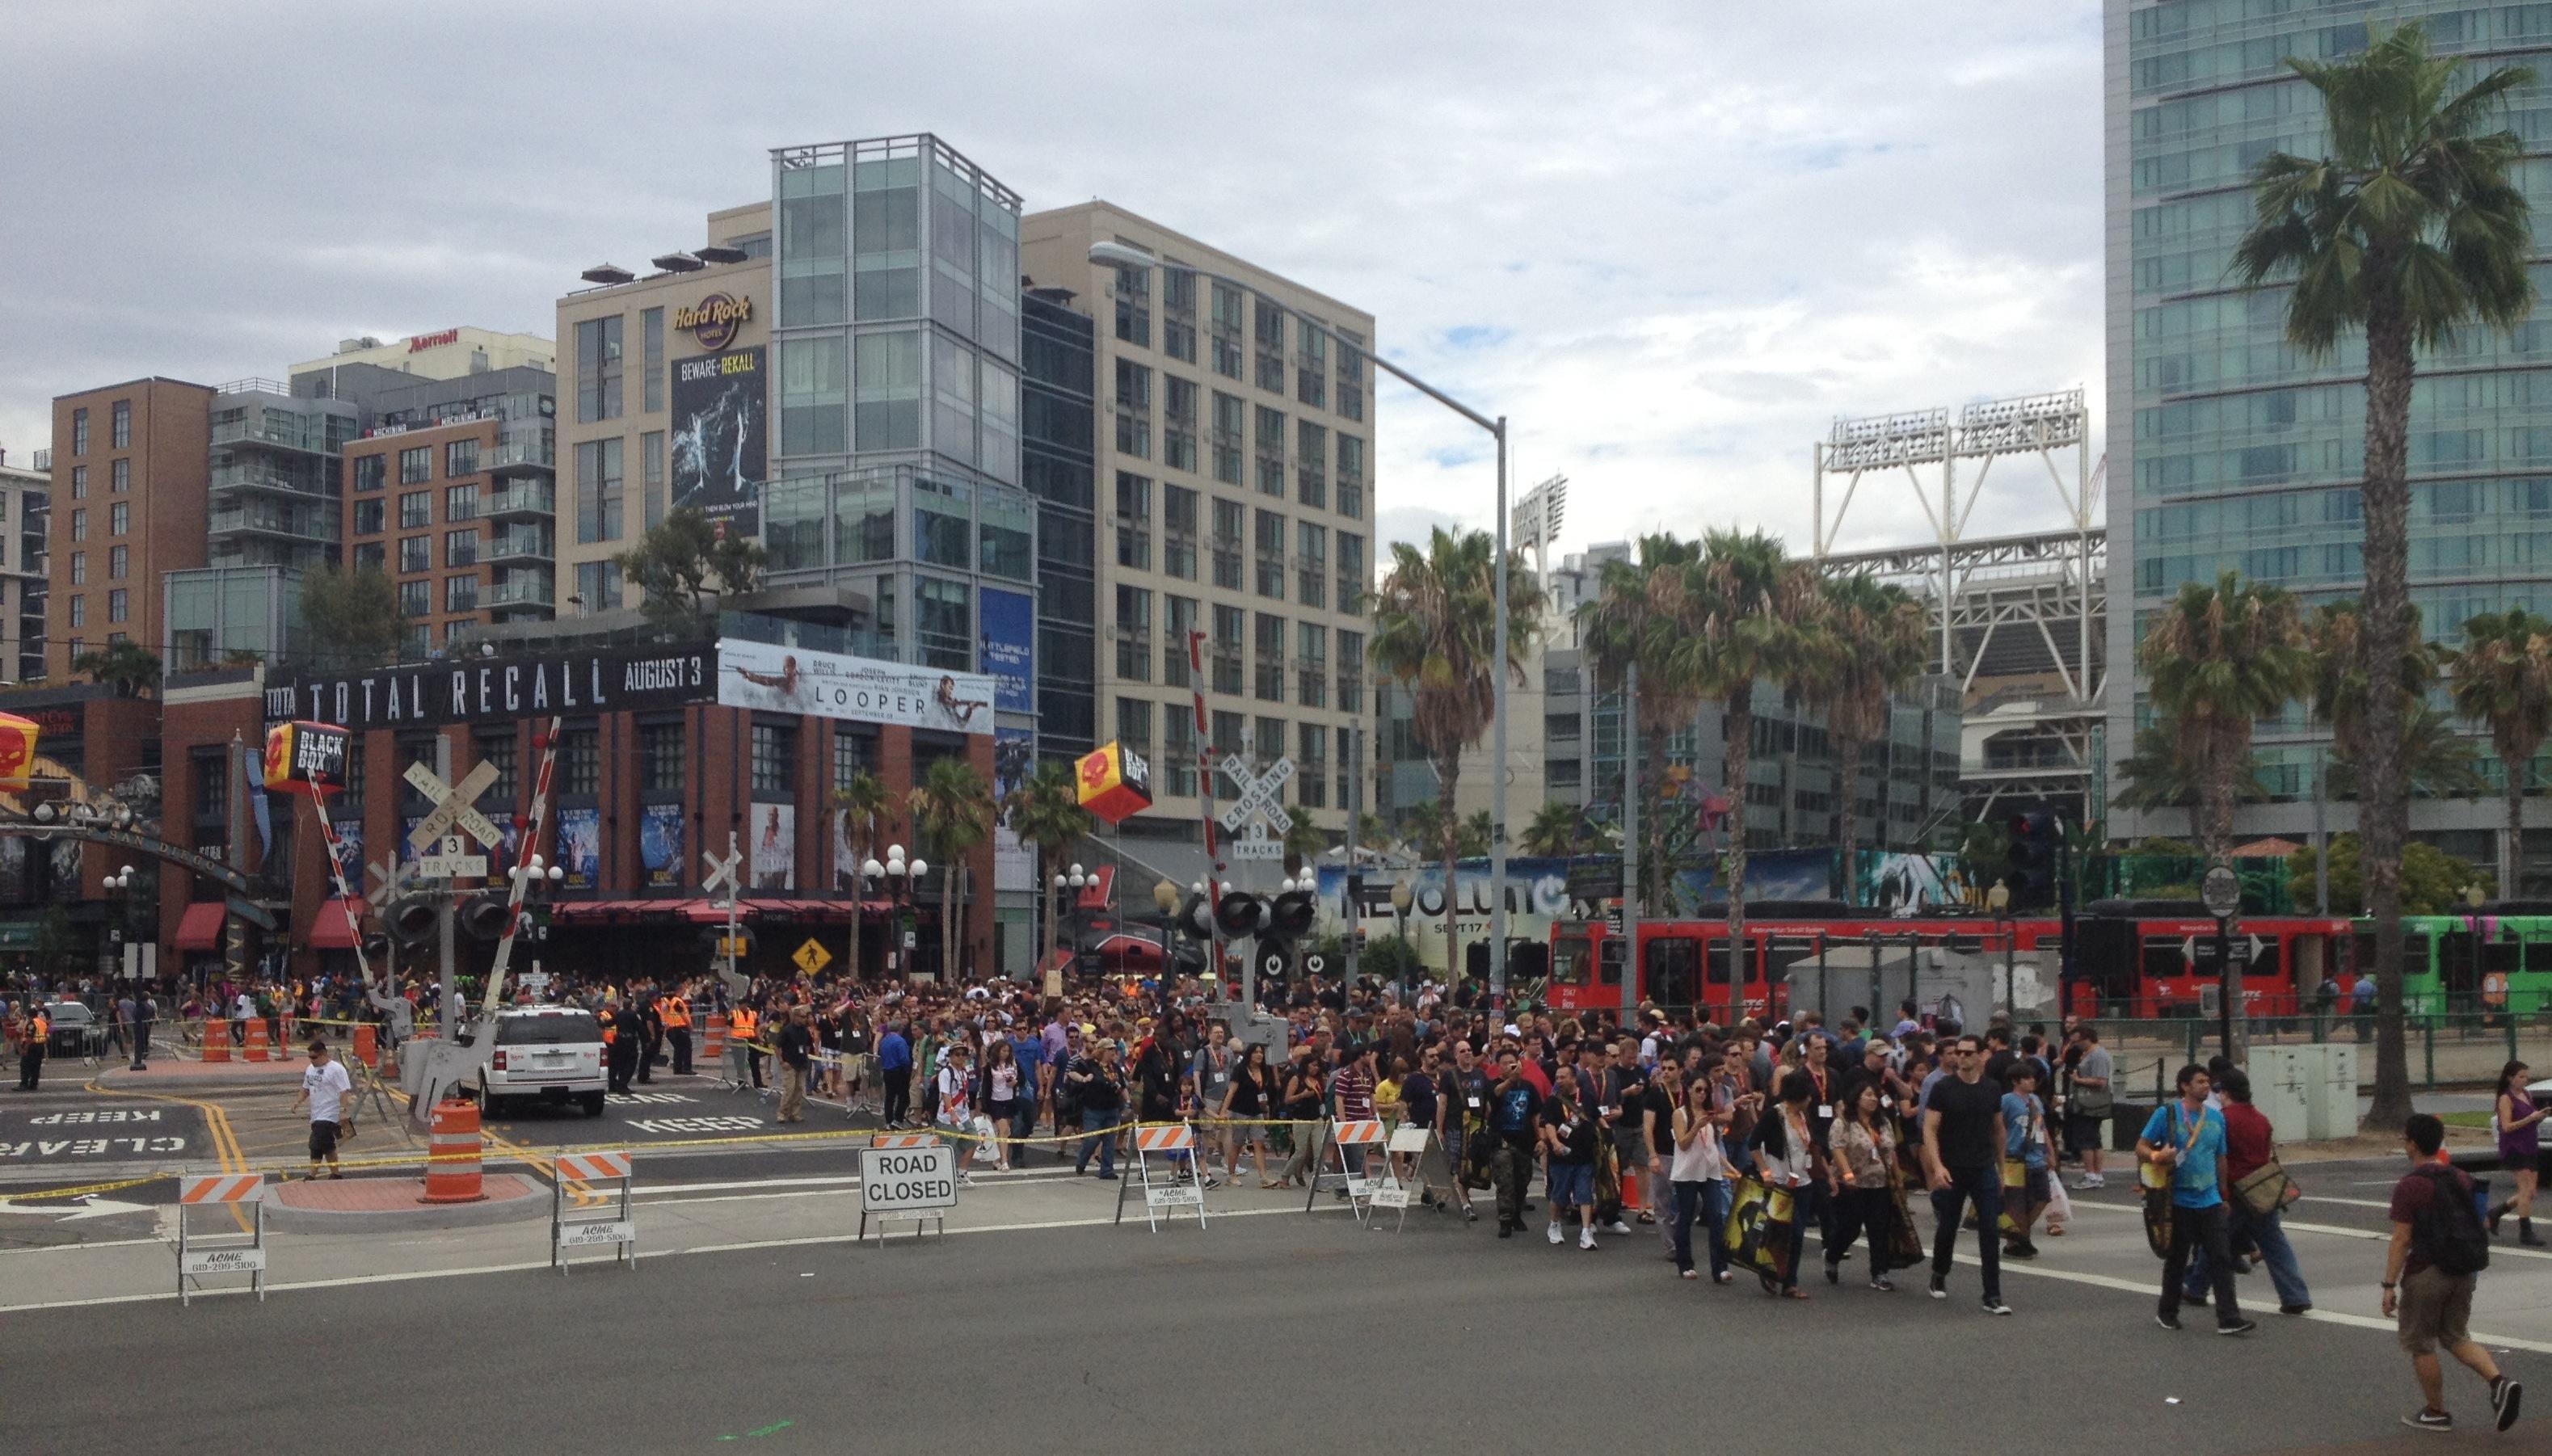 Comic Con crowds